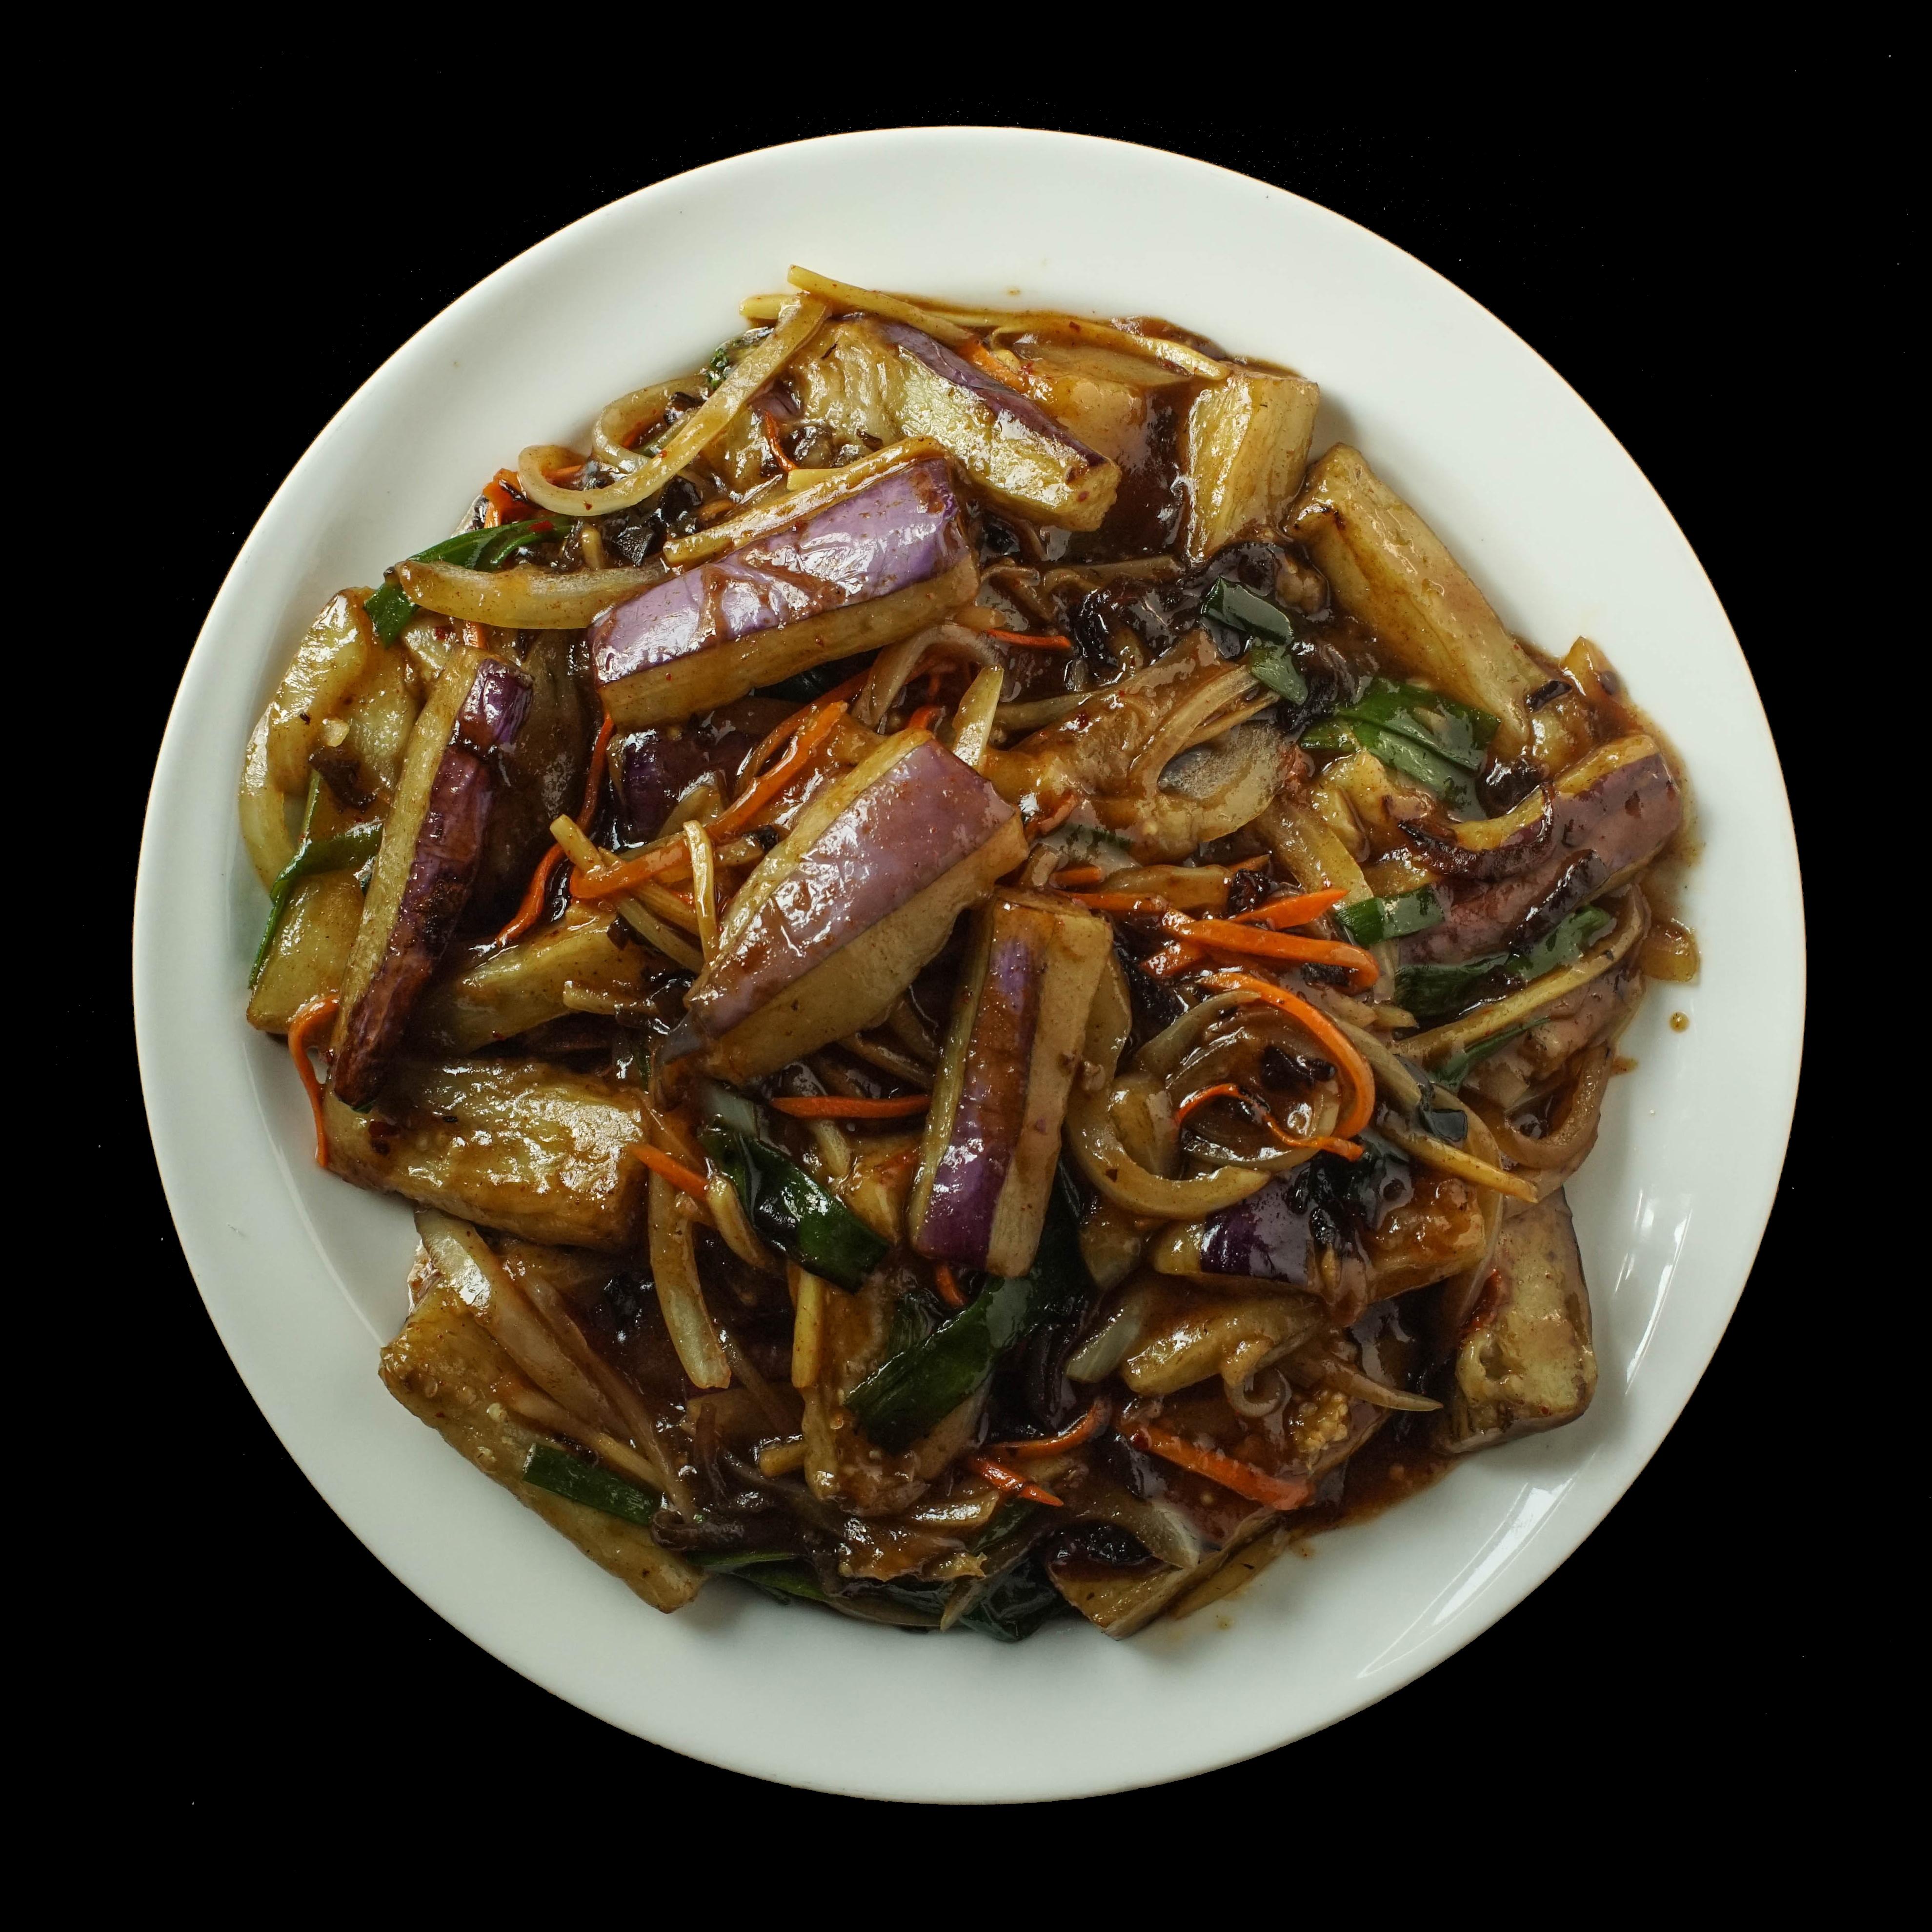 75. 鱼香 Hot Garlic Image